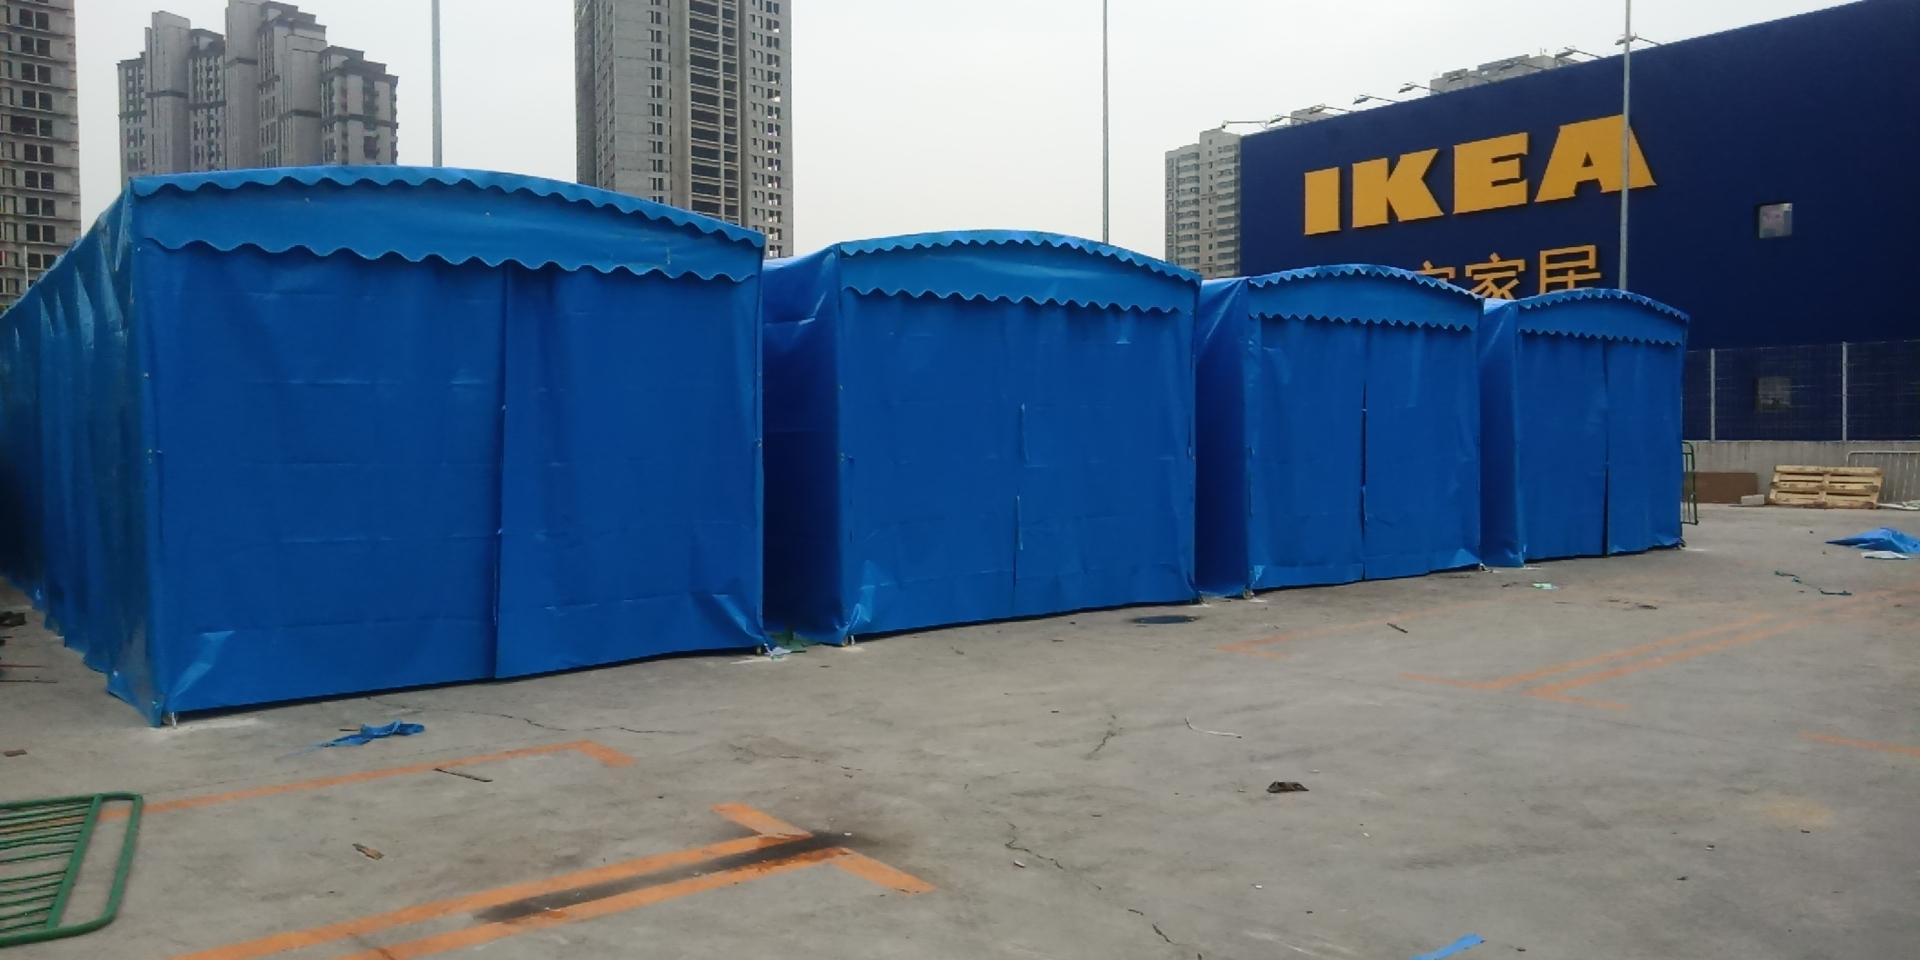 推拉雨棚大型活动雨棚厂家定做_活动雨棚上门安装